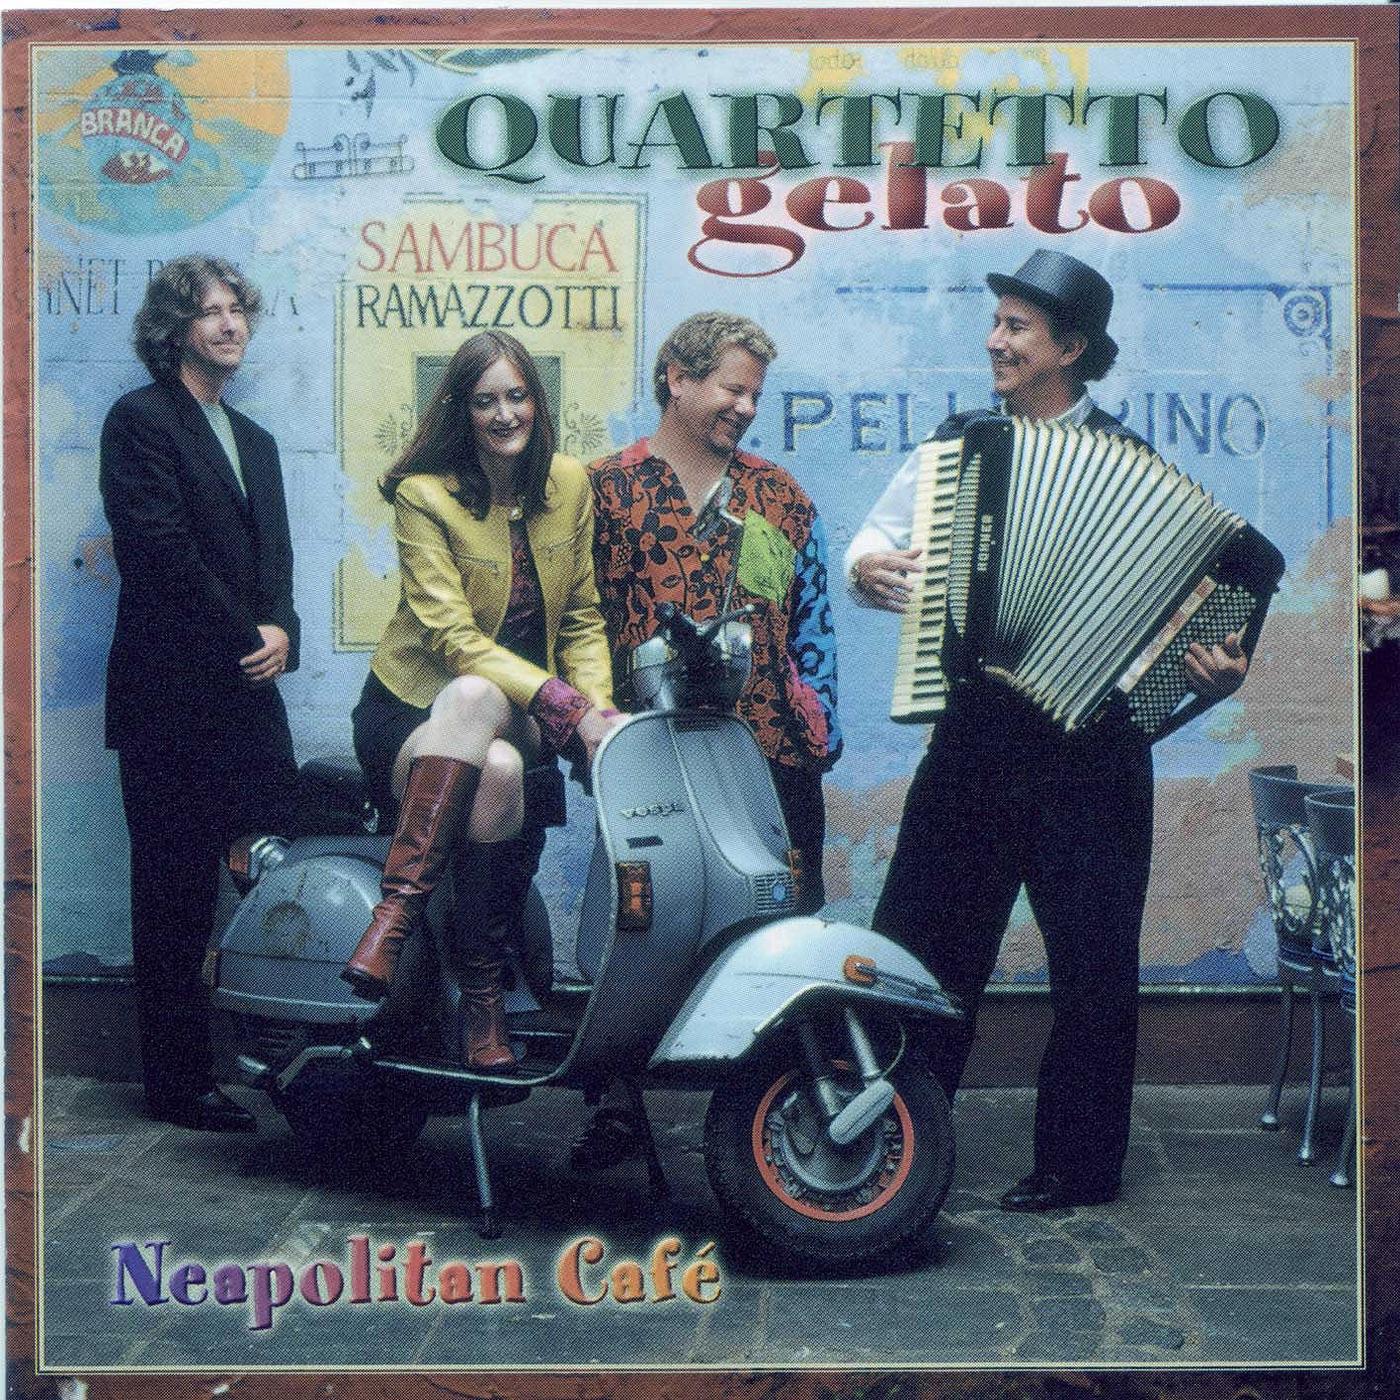 Neapolitan Café